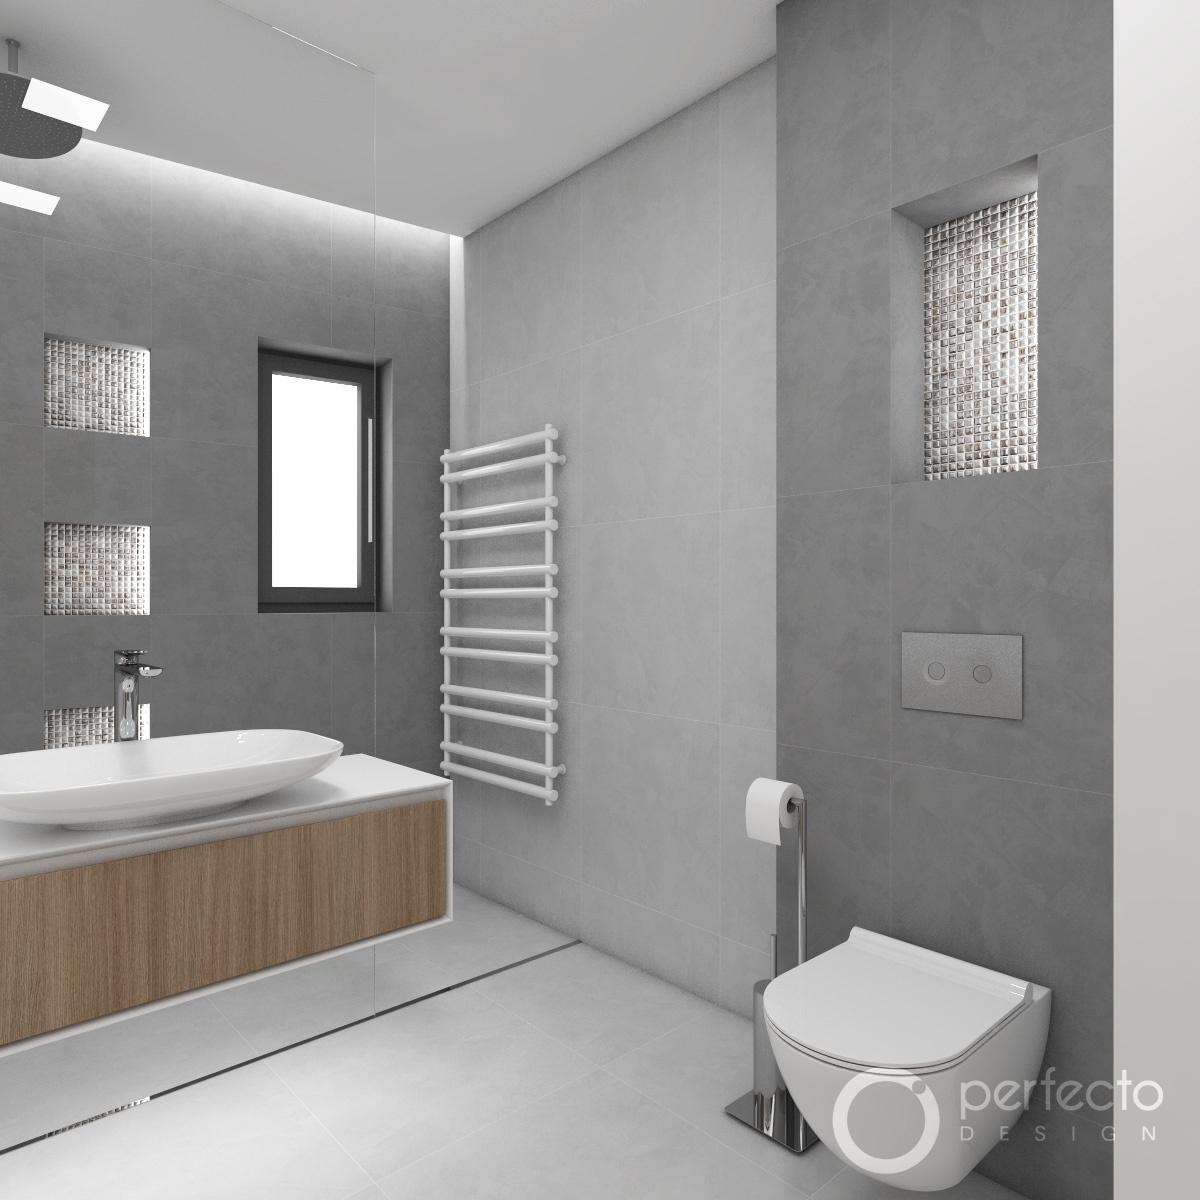 modernes badezimmer chicago | perfecto design - Modernes Badezimmer